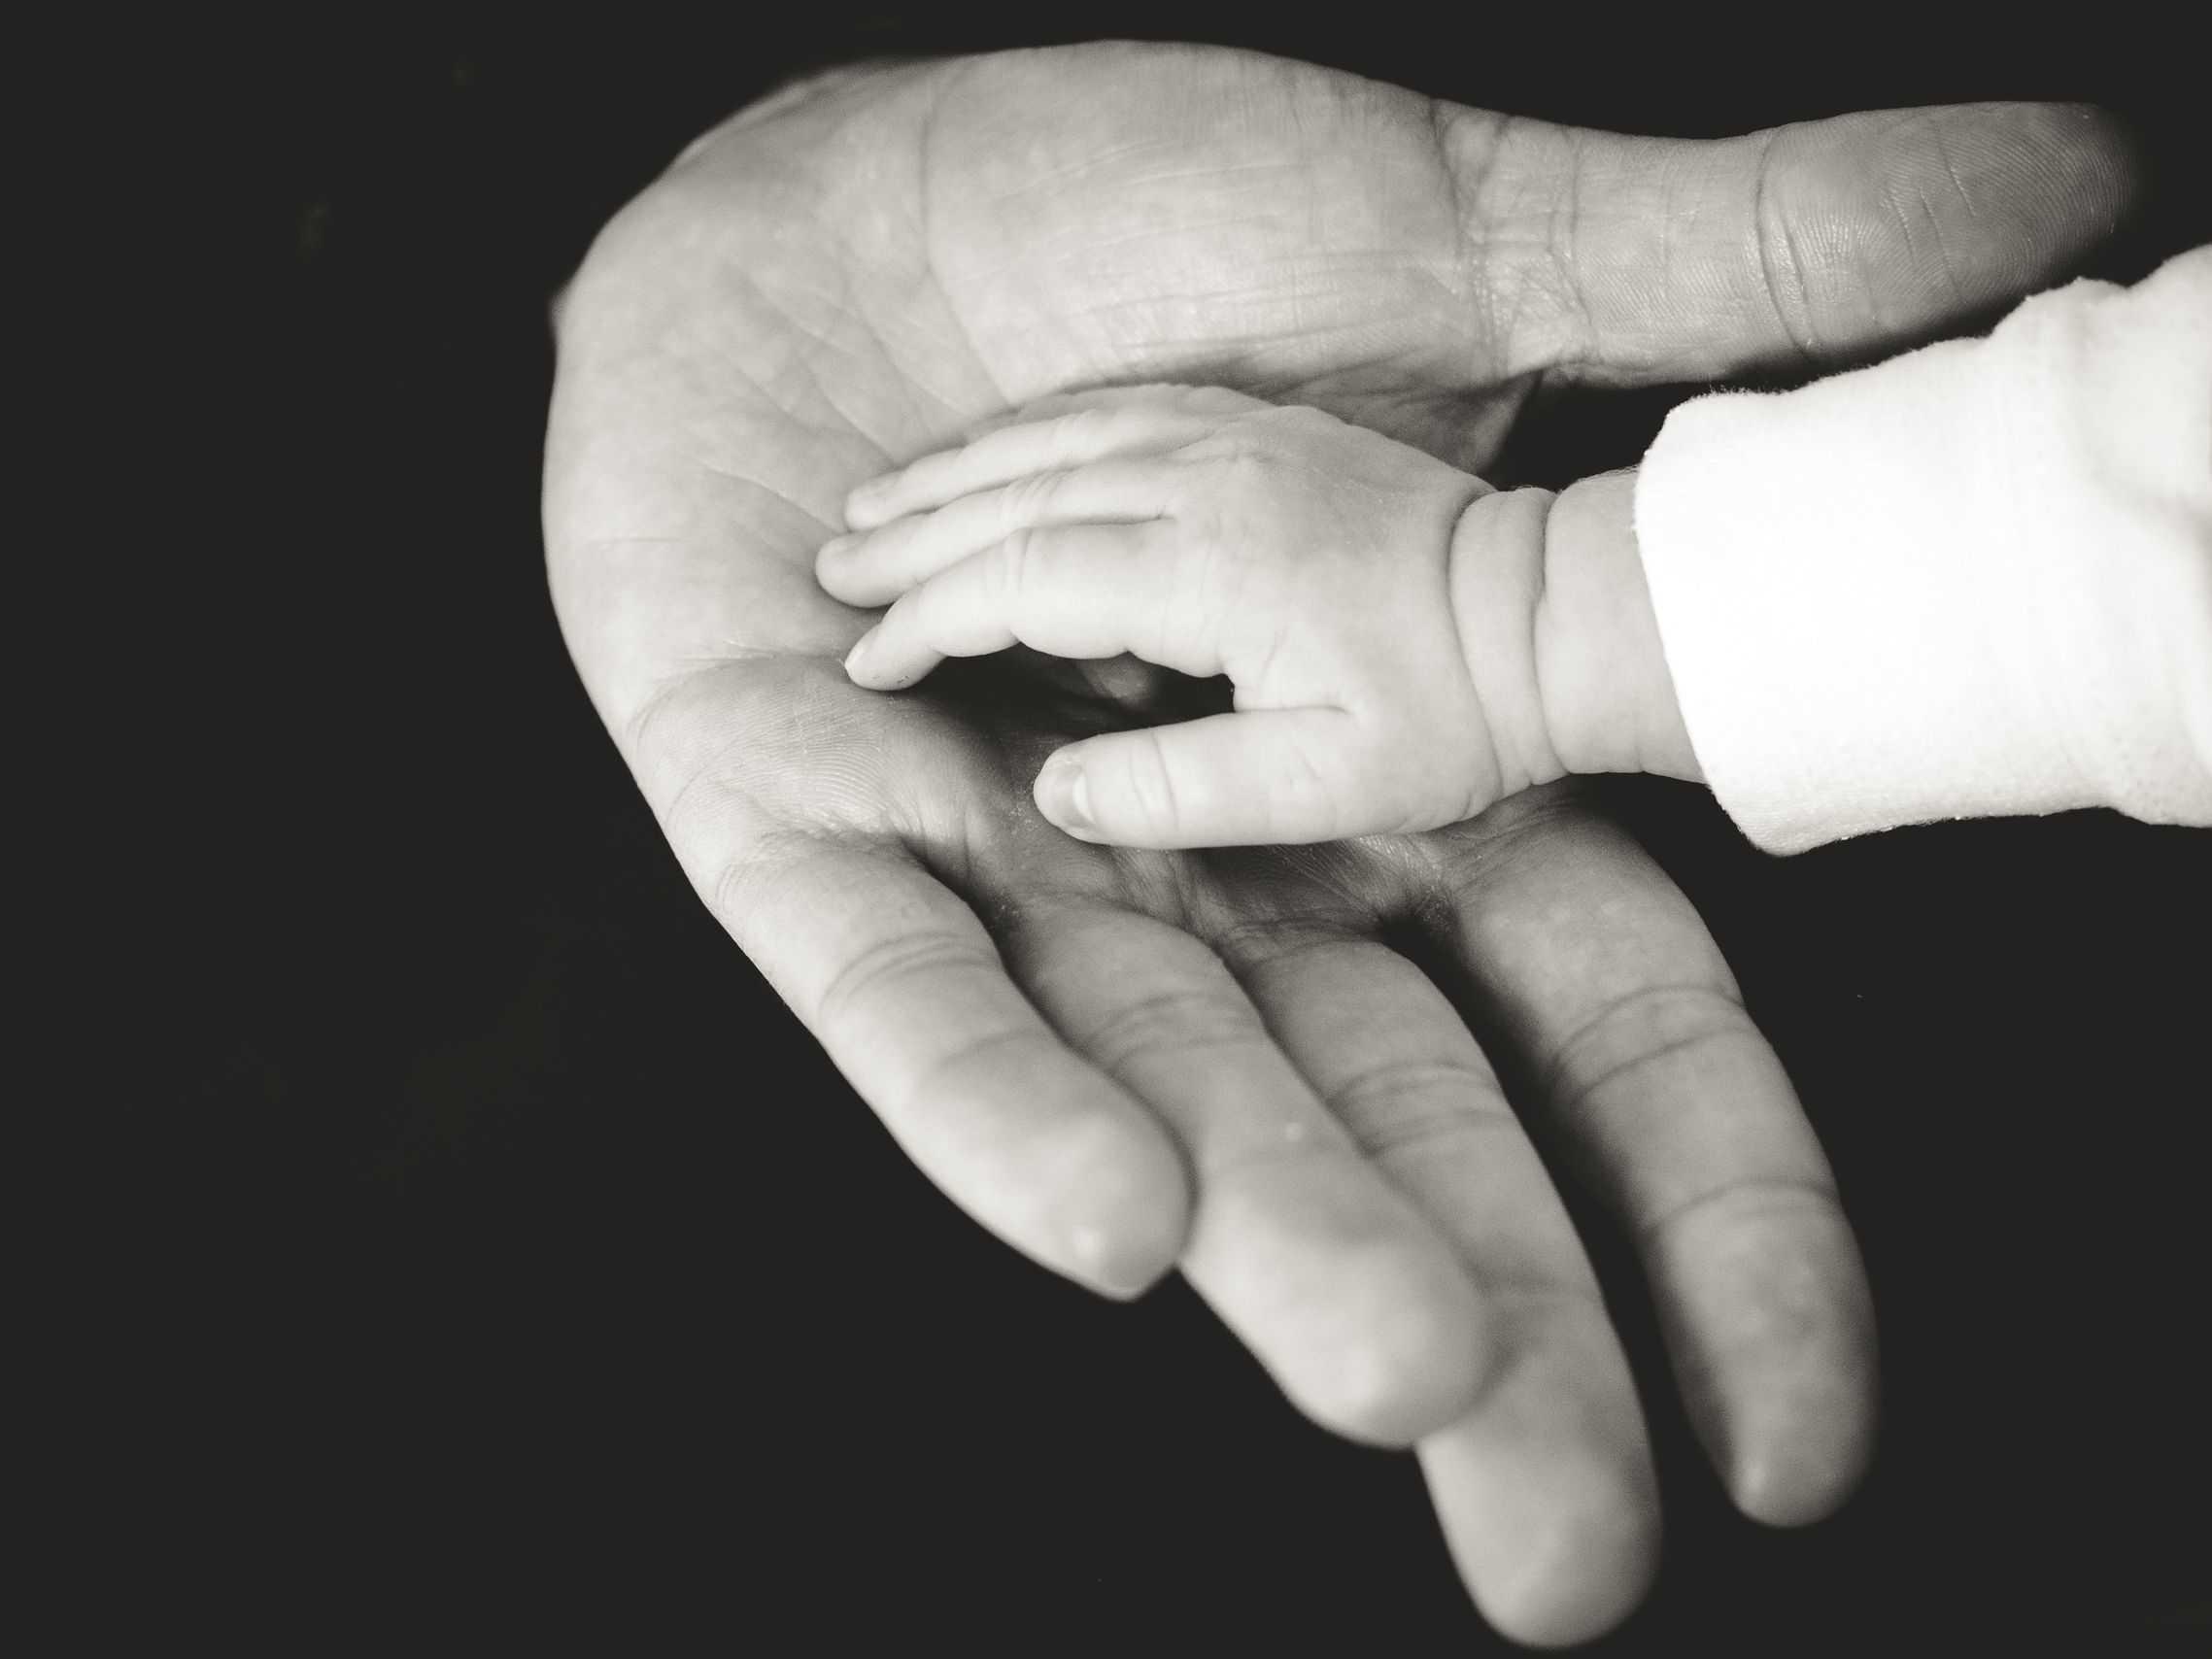 ręka dziecka na ręce dorosłego - w ten sposób nie pomagasz